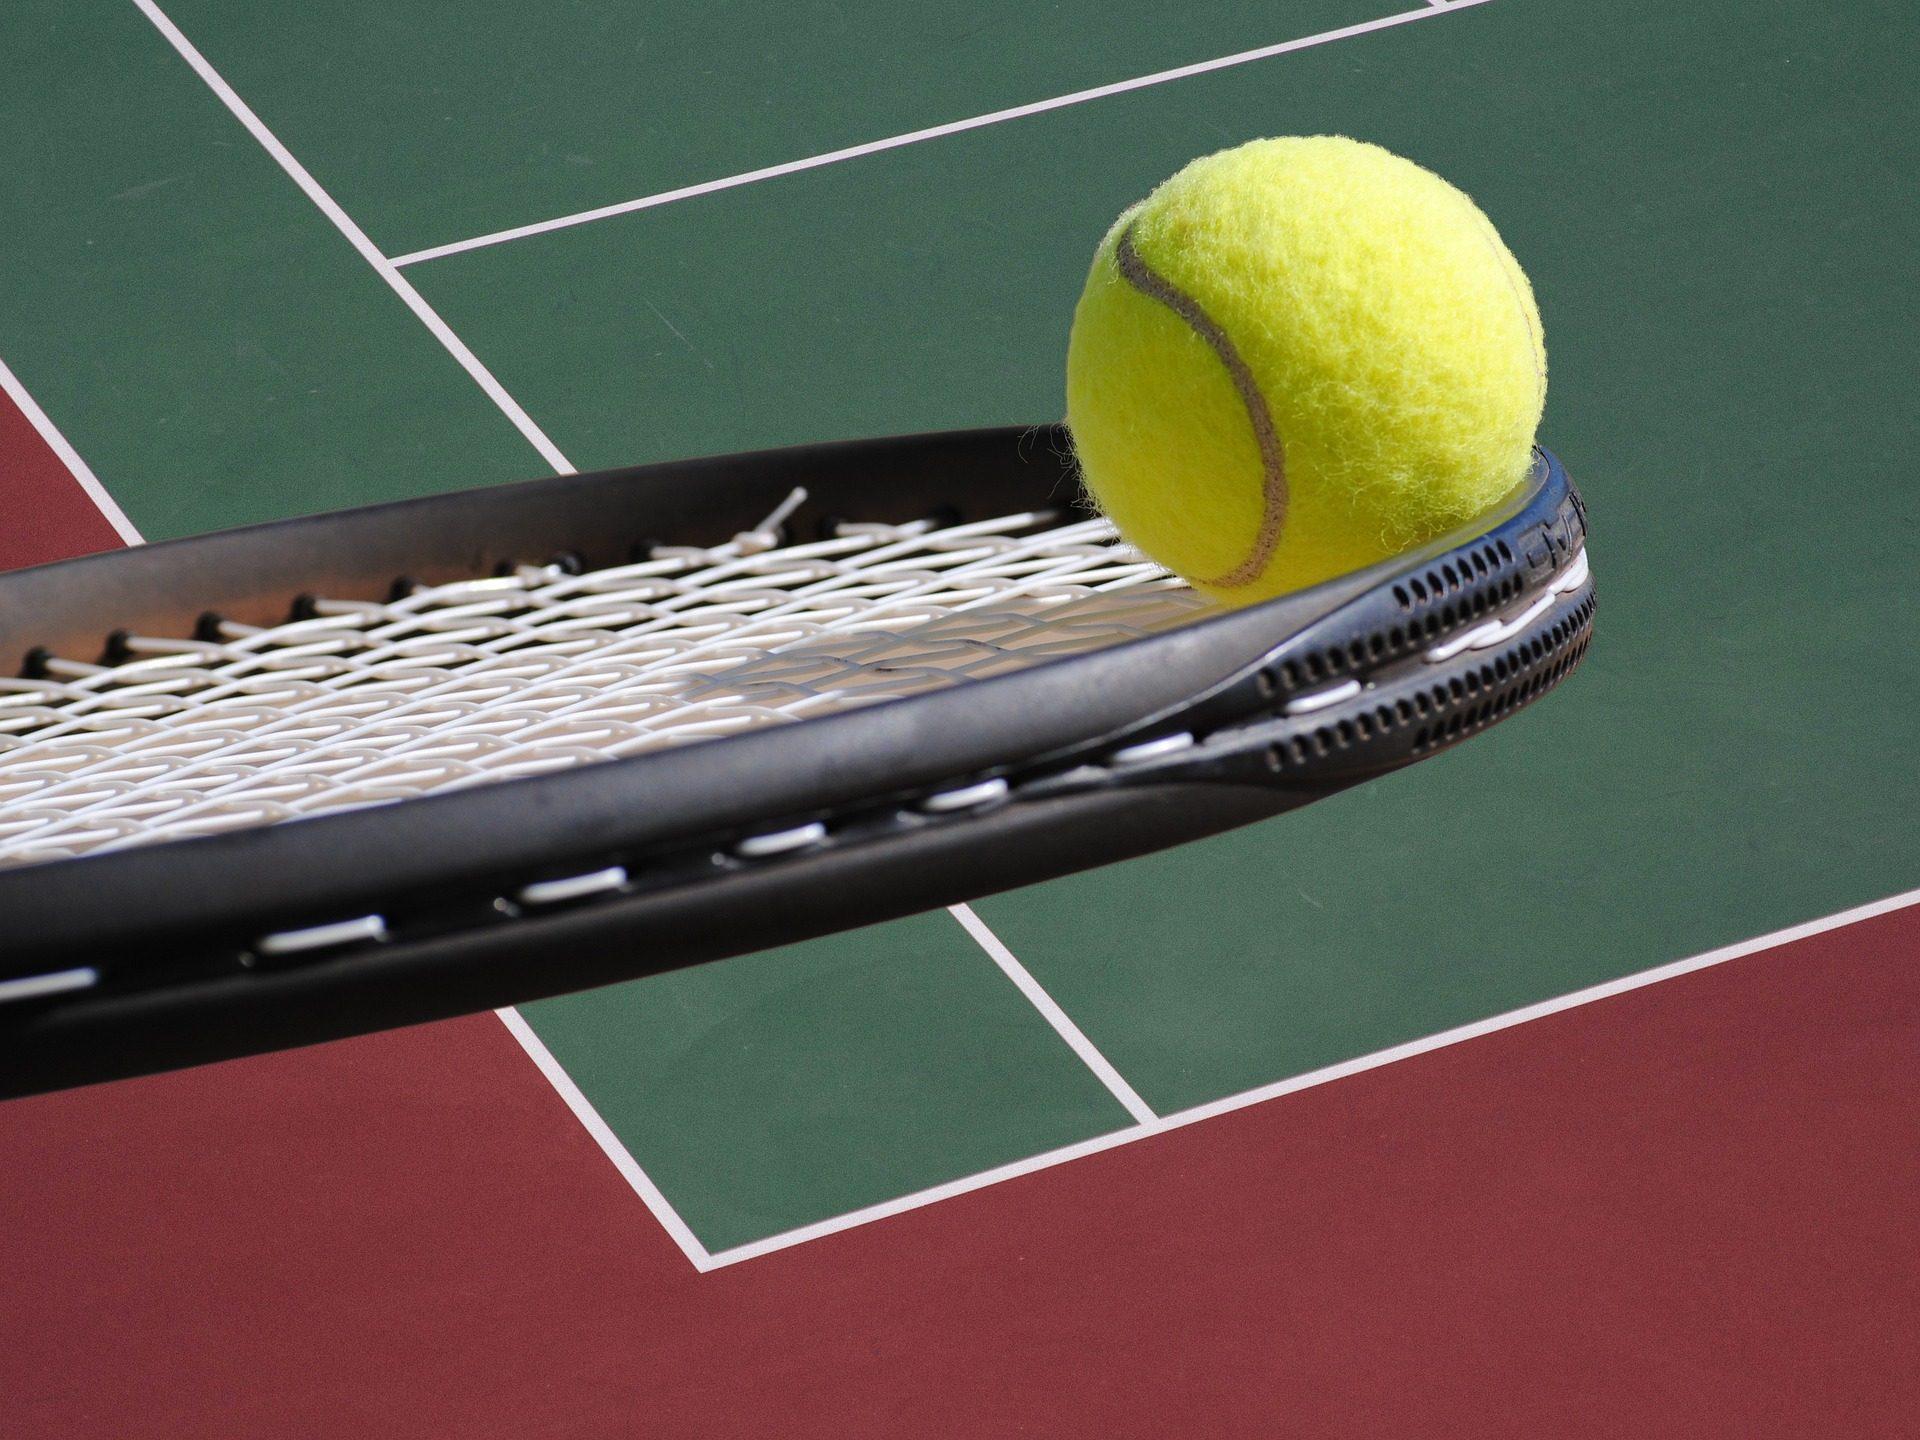 रैकेट, टेनिस, गेंद, अदालत, फ़ील्ड, स्ट्रिंग्स - HD वॉलपेपर - प्रोफेसर-falken.com